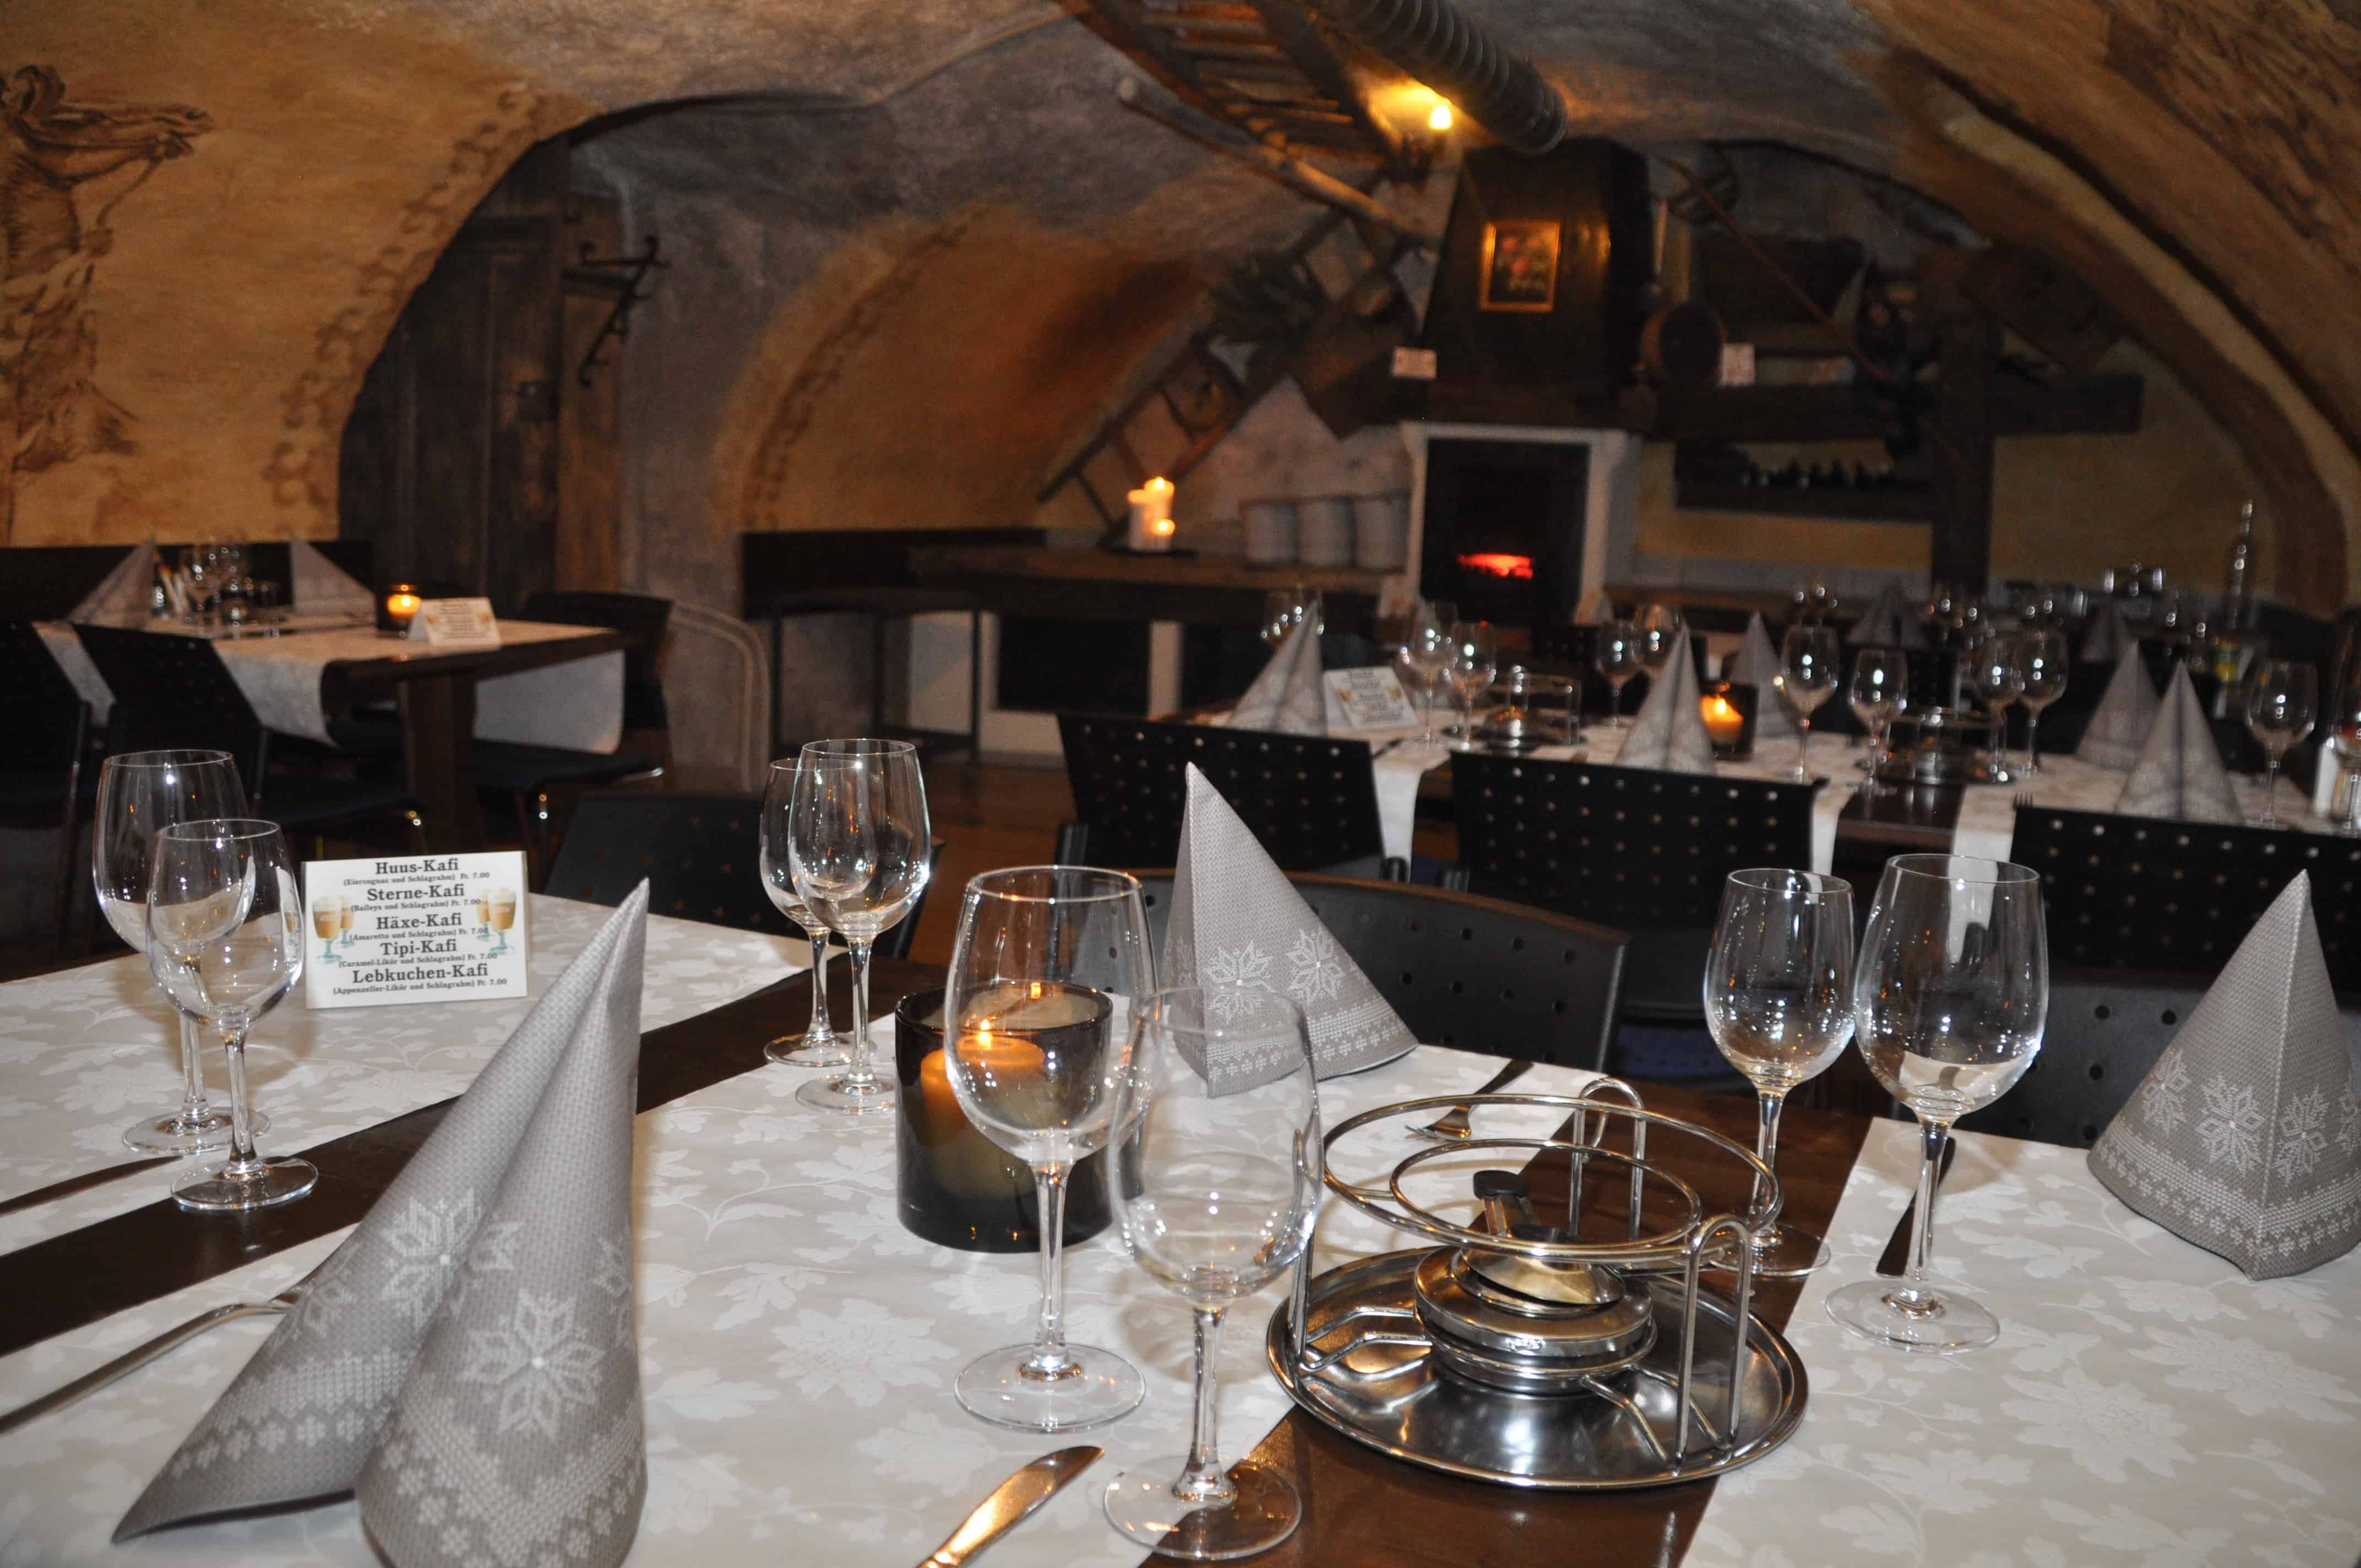 Restaurant-Big-Sterne-Hausen-Bei-Brugg-Saal